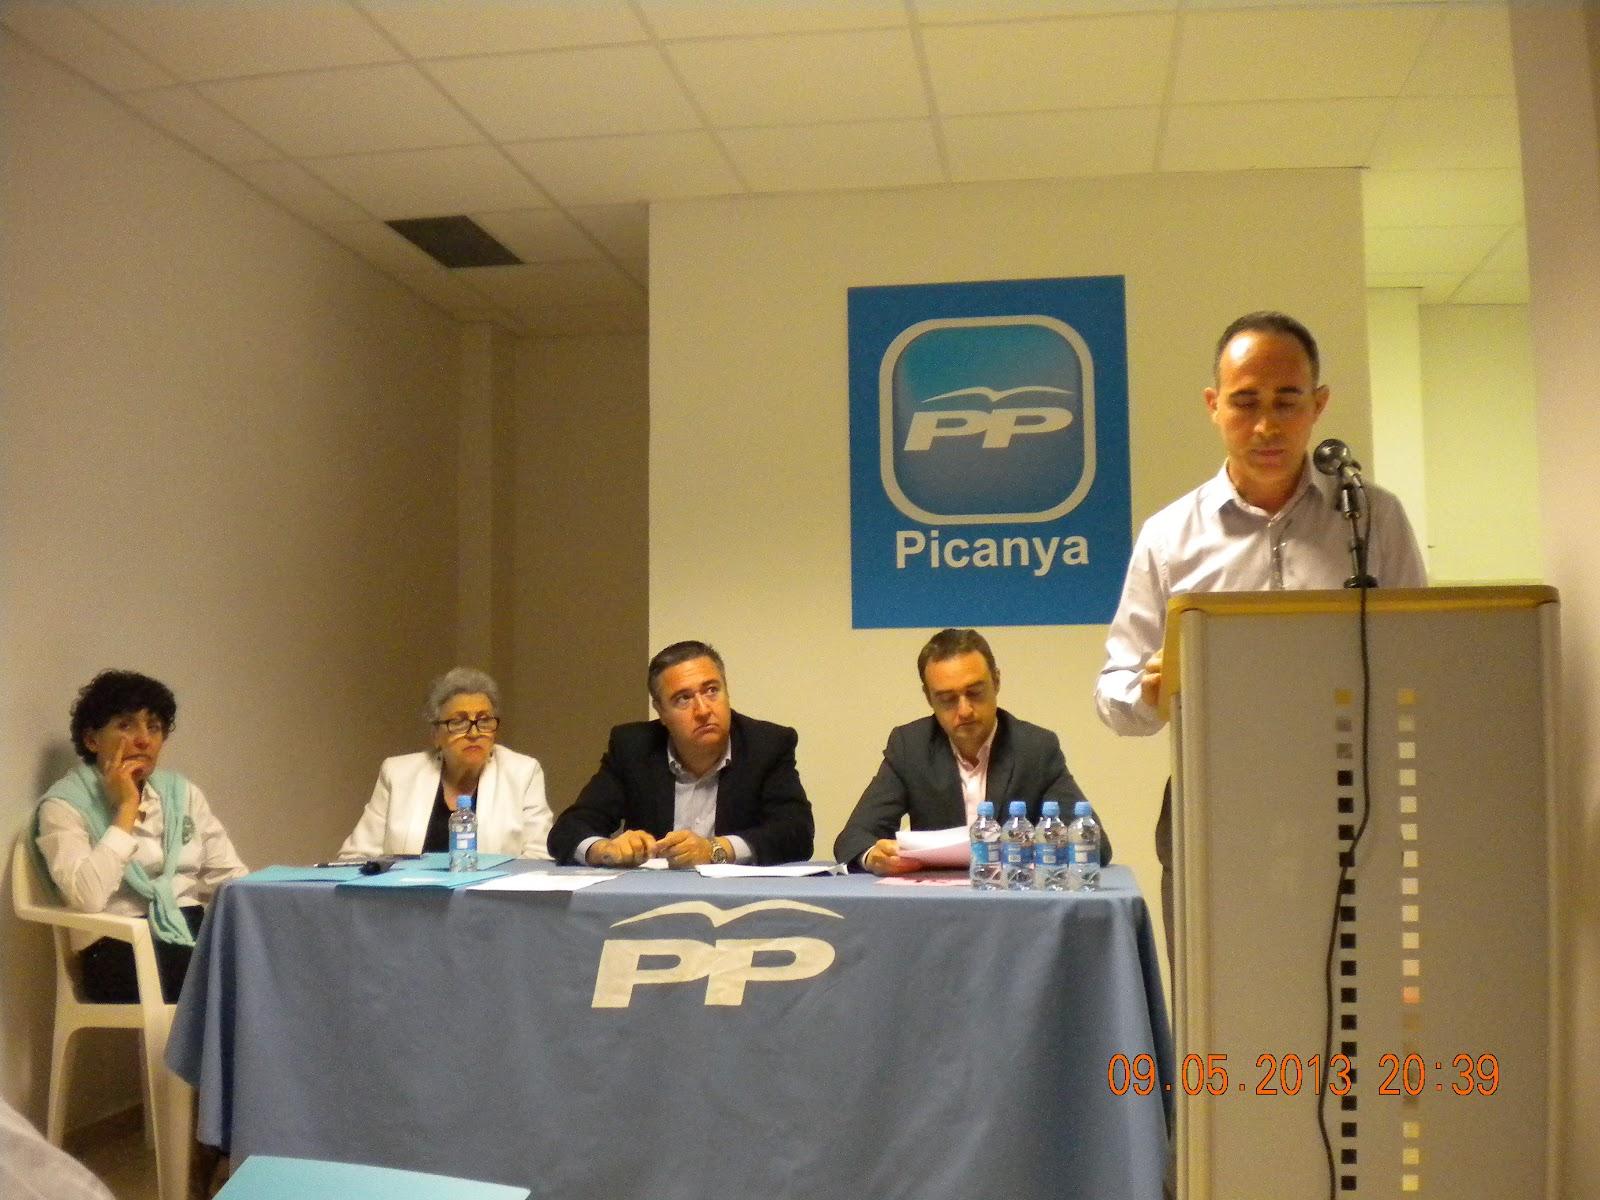 El PP de Picanya presenta este jueves su lista electoral